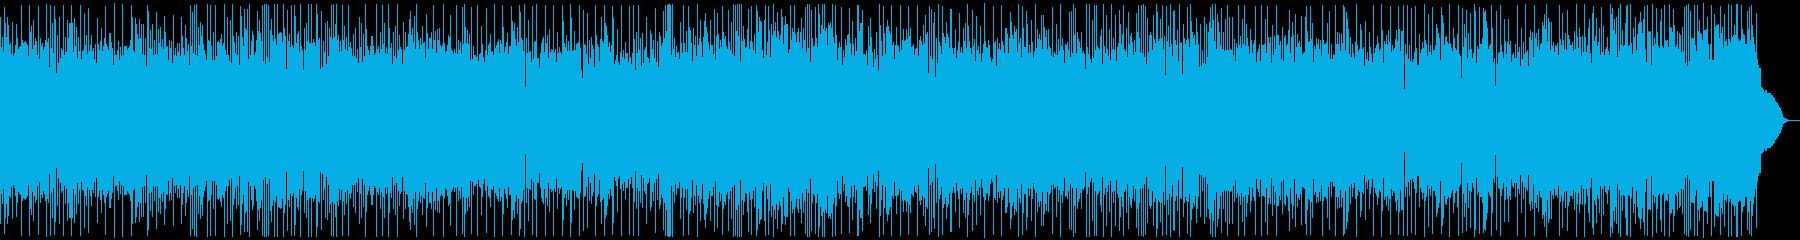 エレキギターソロのロックンロールナンバーの再生済みの波形